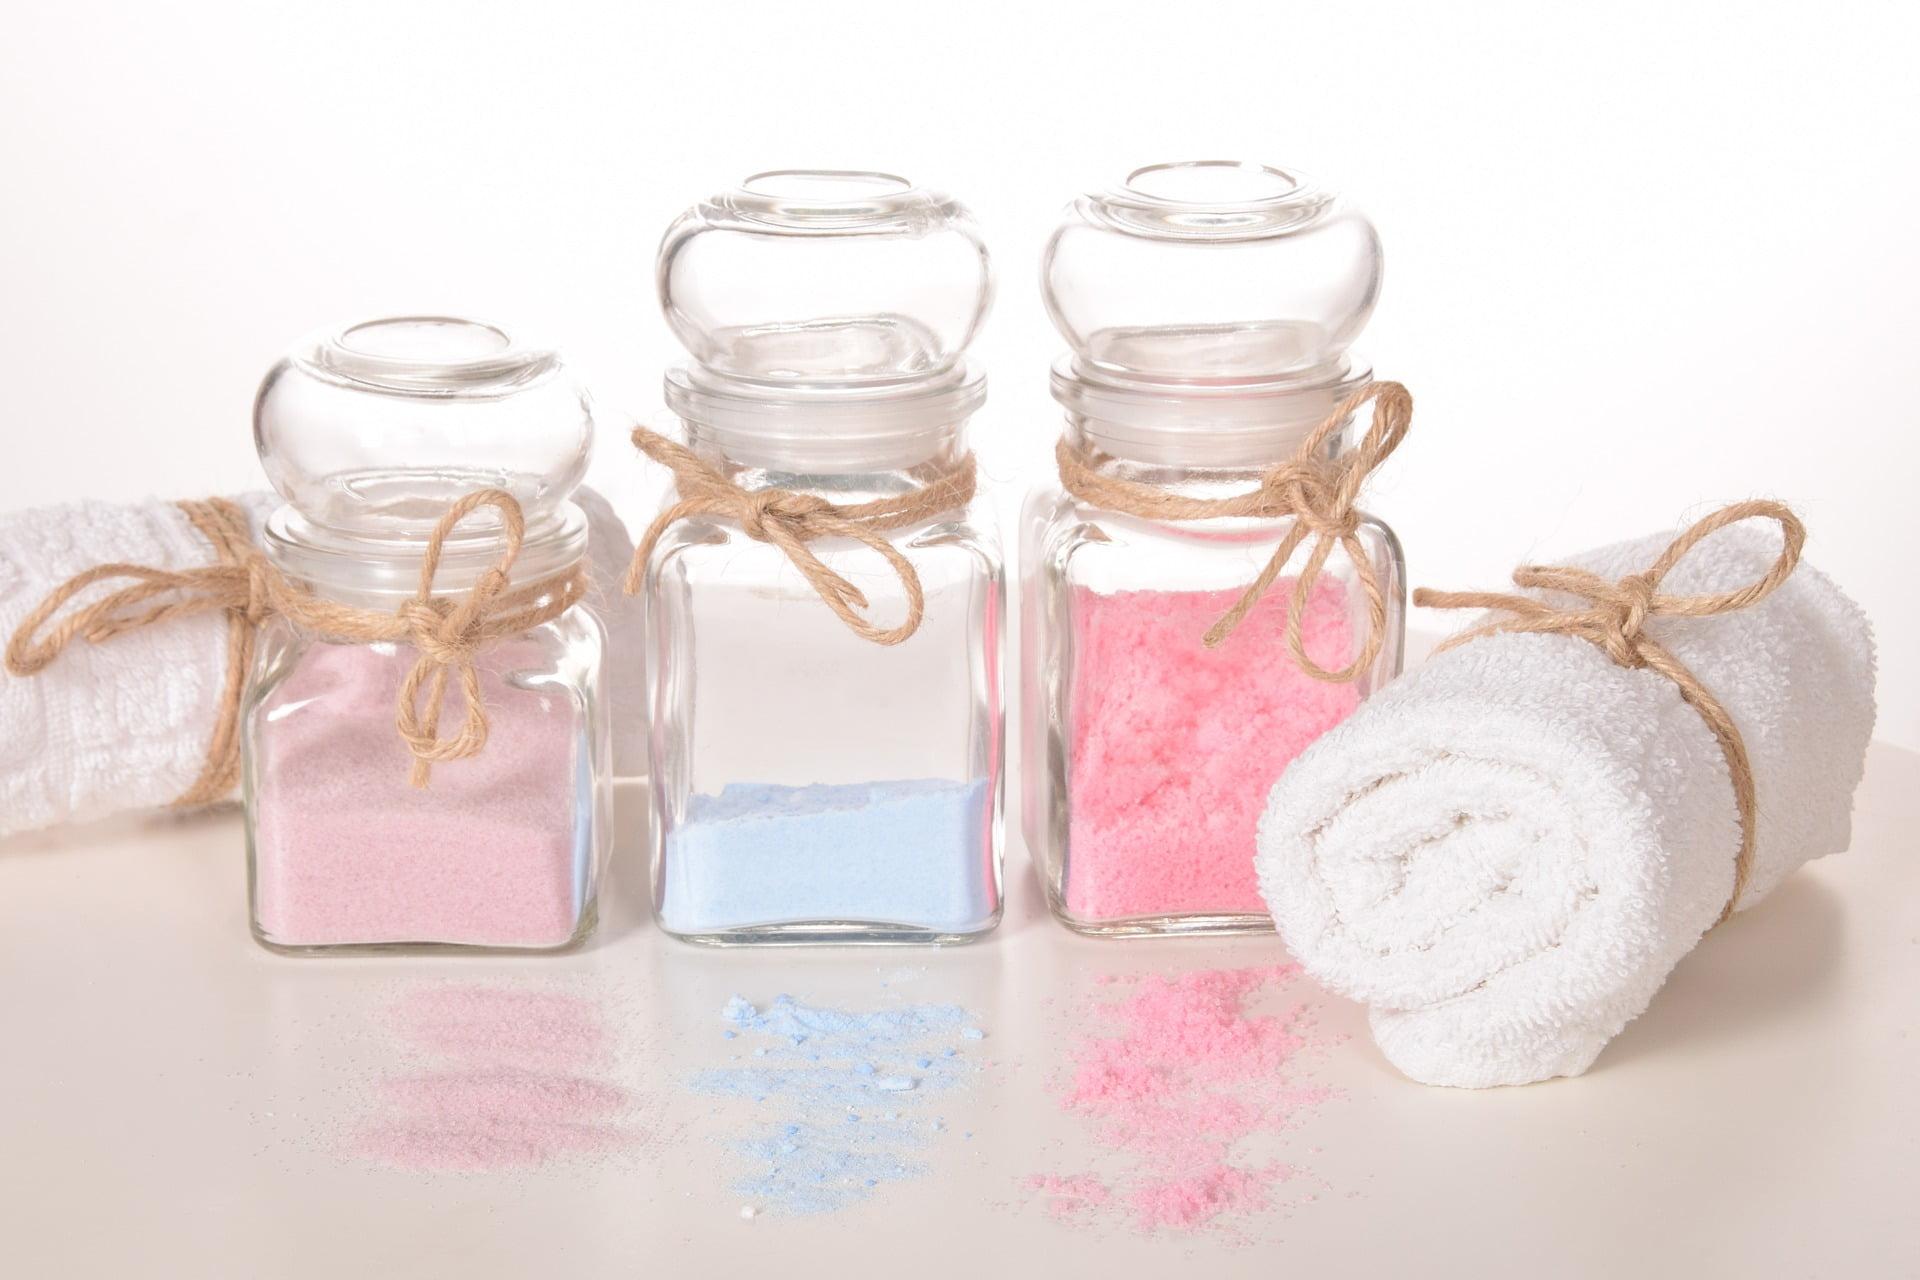 Beneficiile sării de baie pentru piele: calmează, vindecă, răsfață